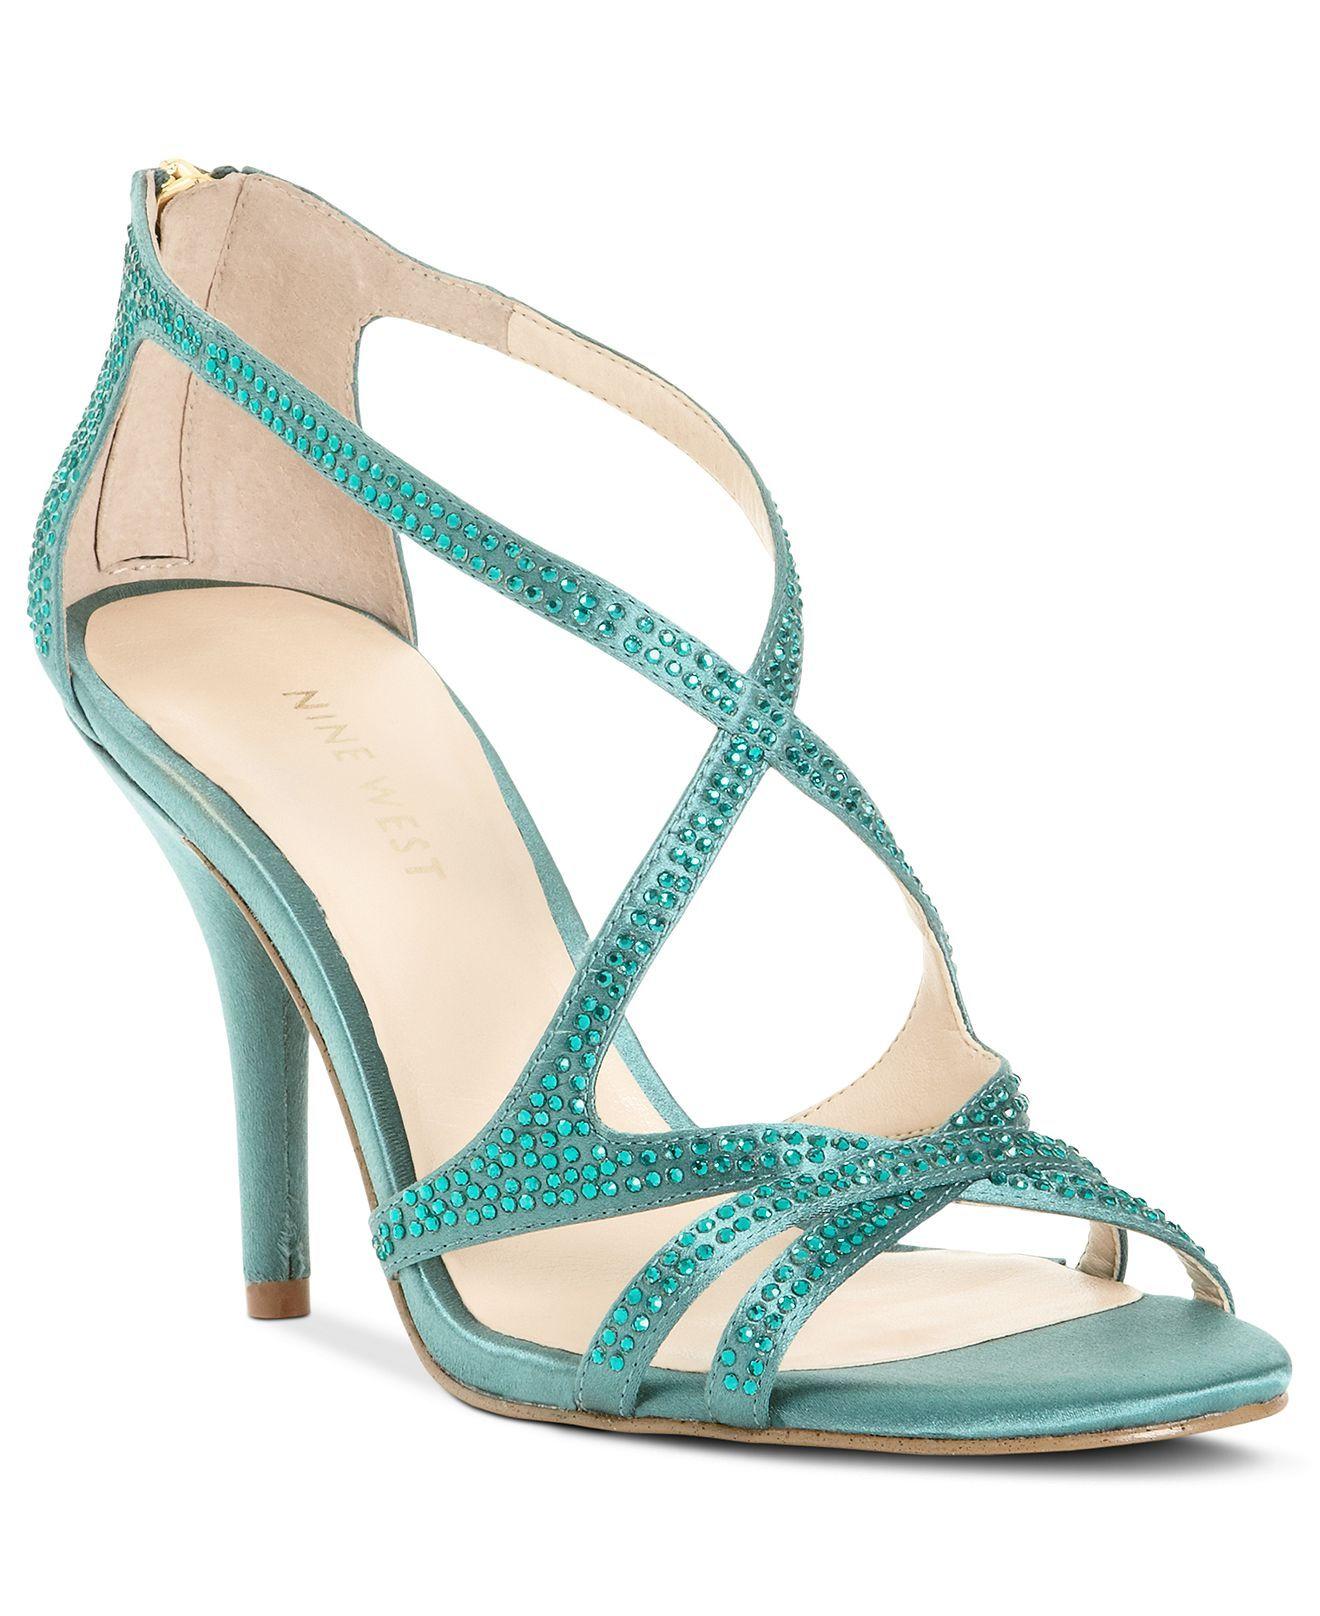 Nine West Shoes, Altemis Dress Sandals - Evening & Bridal - Shoes ...